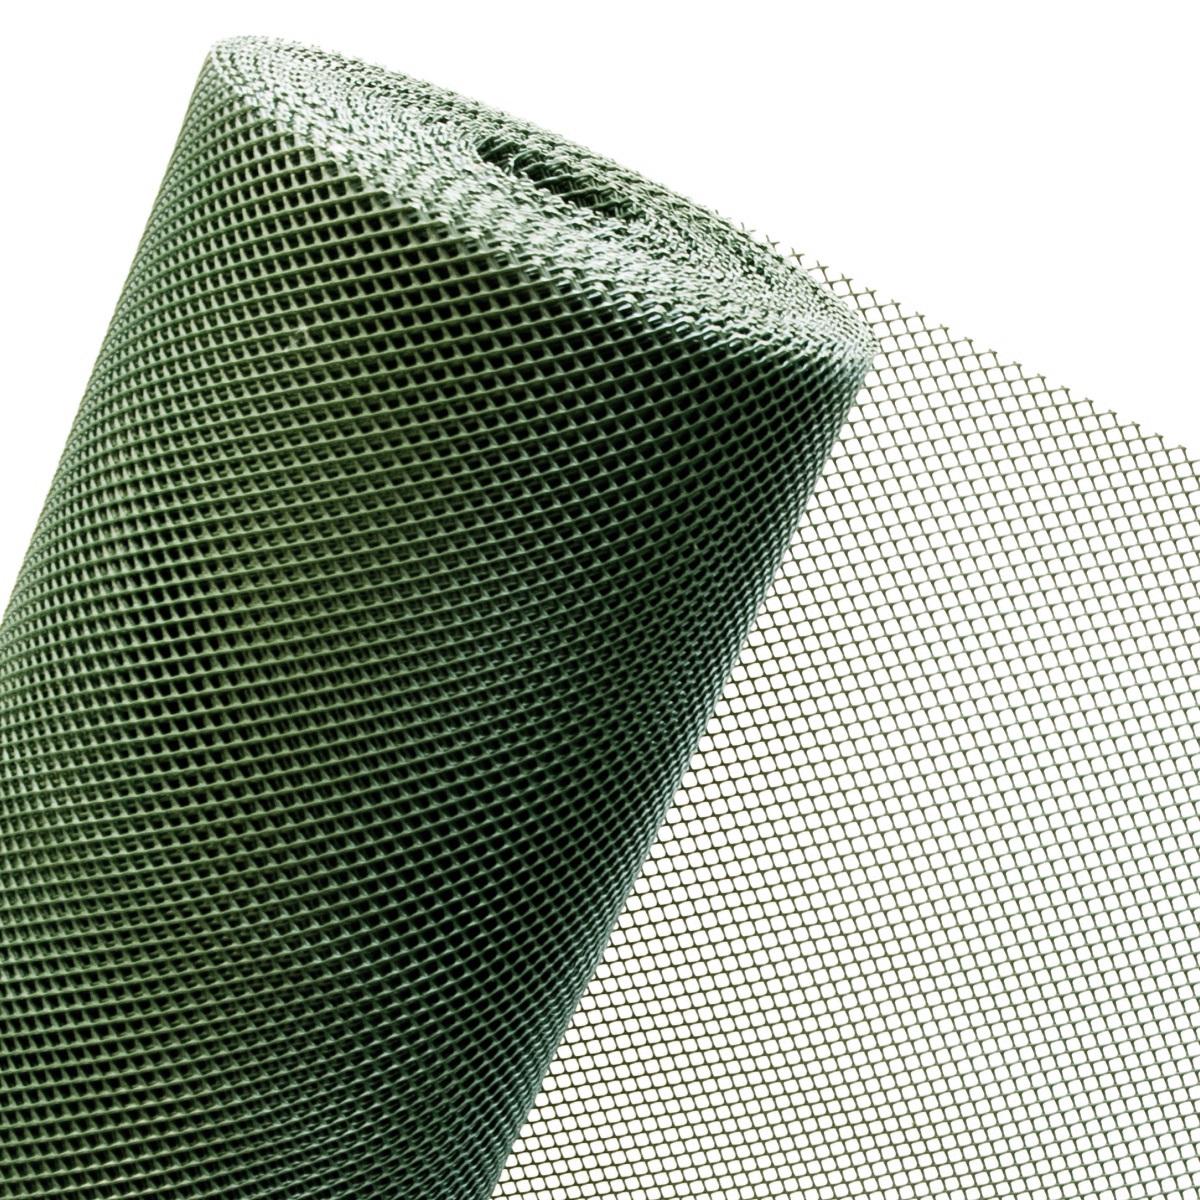 KUNSTSTOFFZAUN in 1,20m Höhe Masche 5mm (Meterware) Lärm dunkelgrün